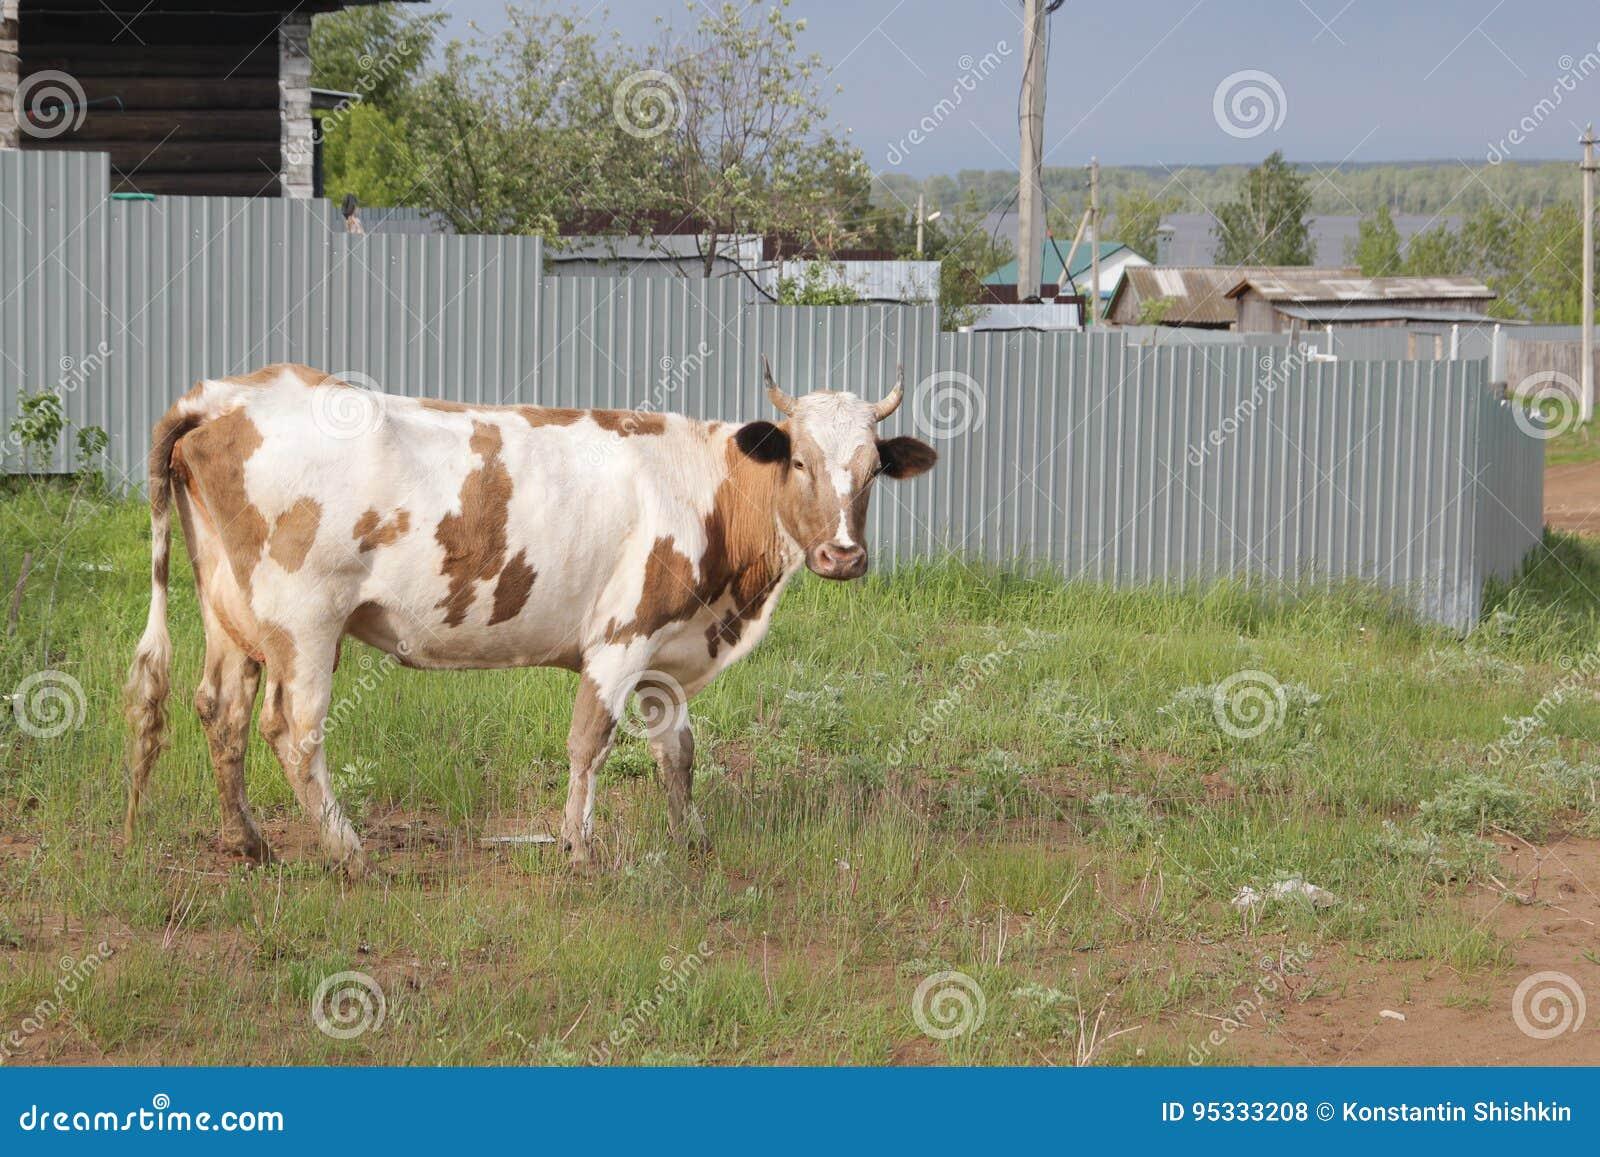 Die Kuh Geht Am Dorf Nahe Zaun Russische Landschaft Stockfoto